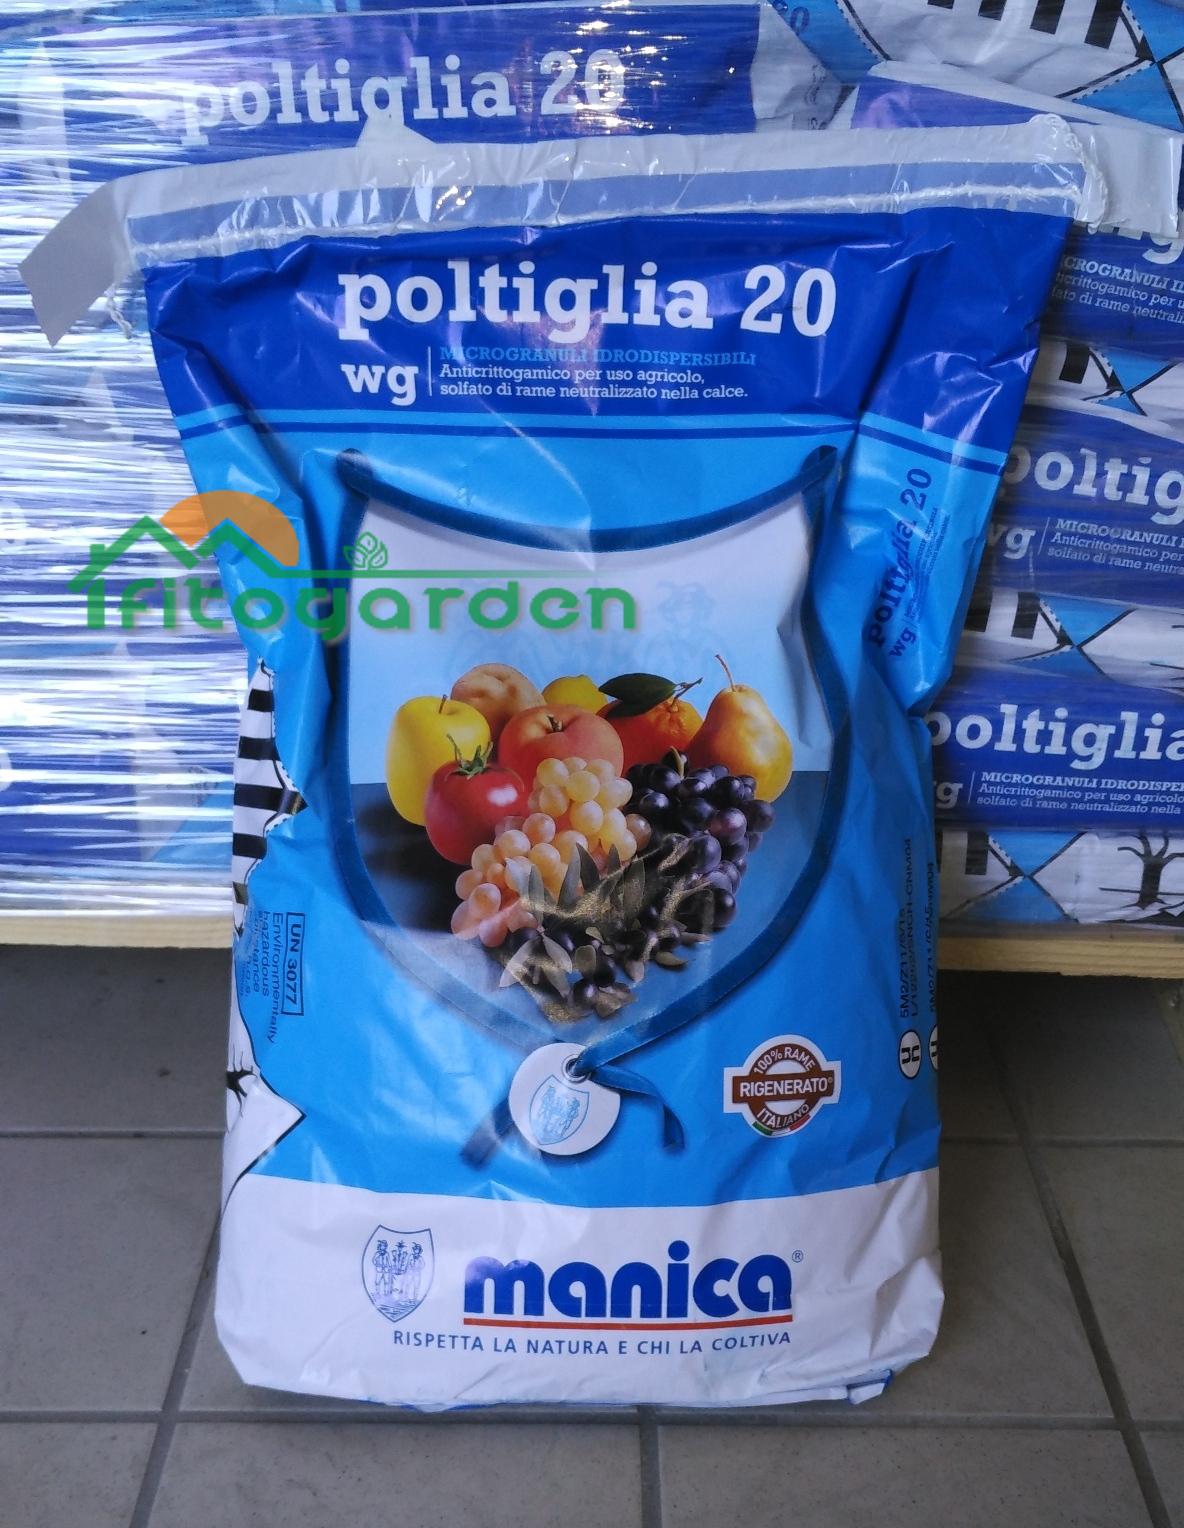 poltiglia bordolese 1kg  Poltiglia bordolese 20 Wg - MANICA - Fitogarden